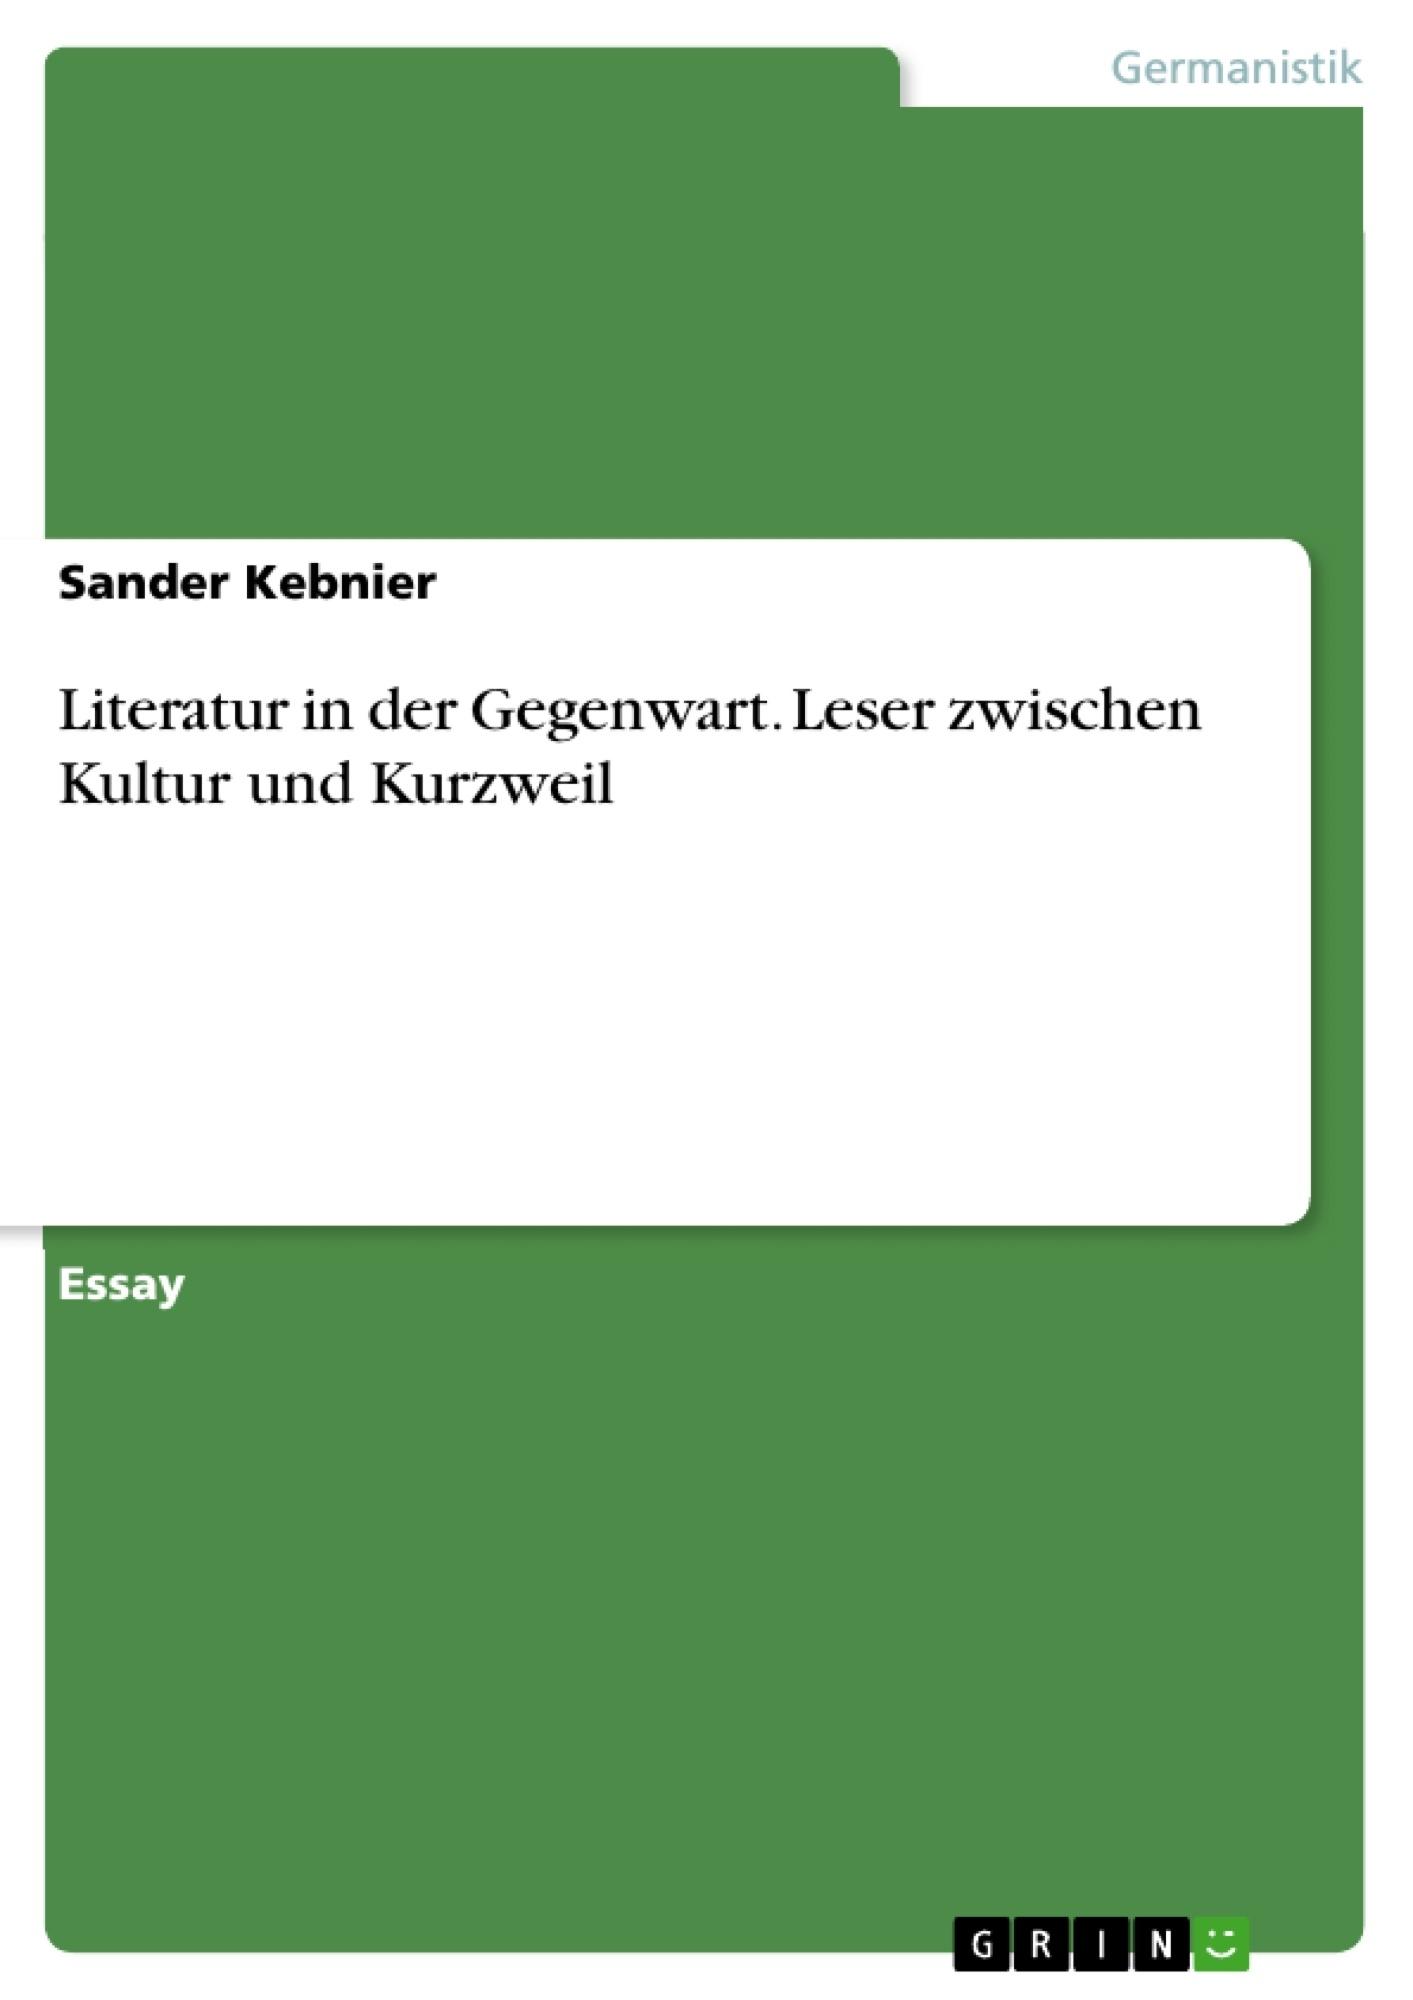 Titel: Literatur in der Gegenwart. Leser zwischen Kultur und Kurzweil